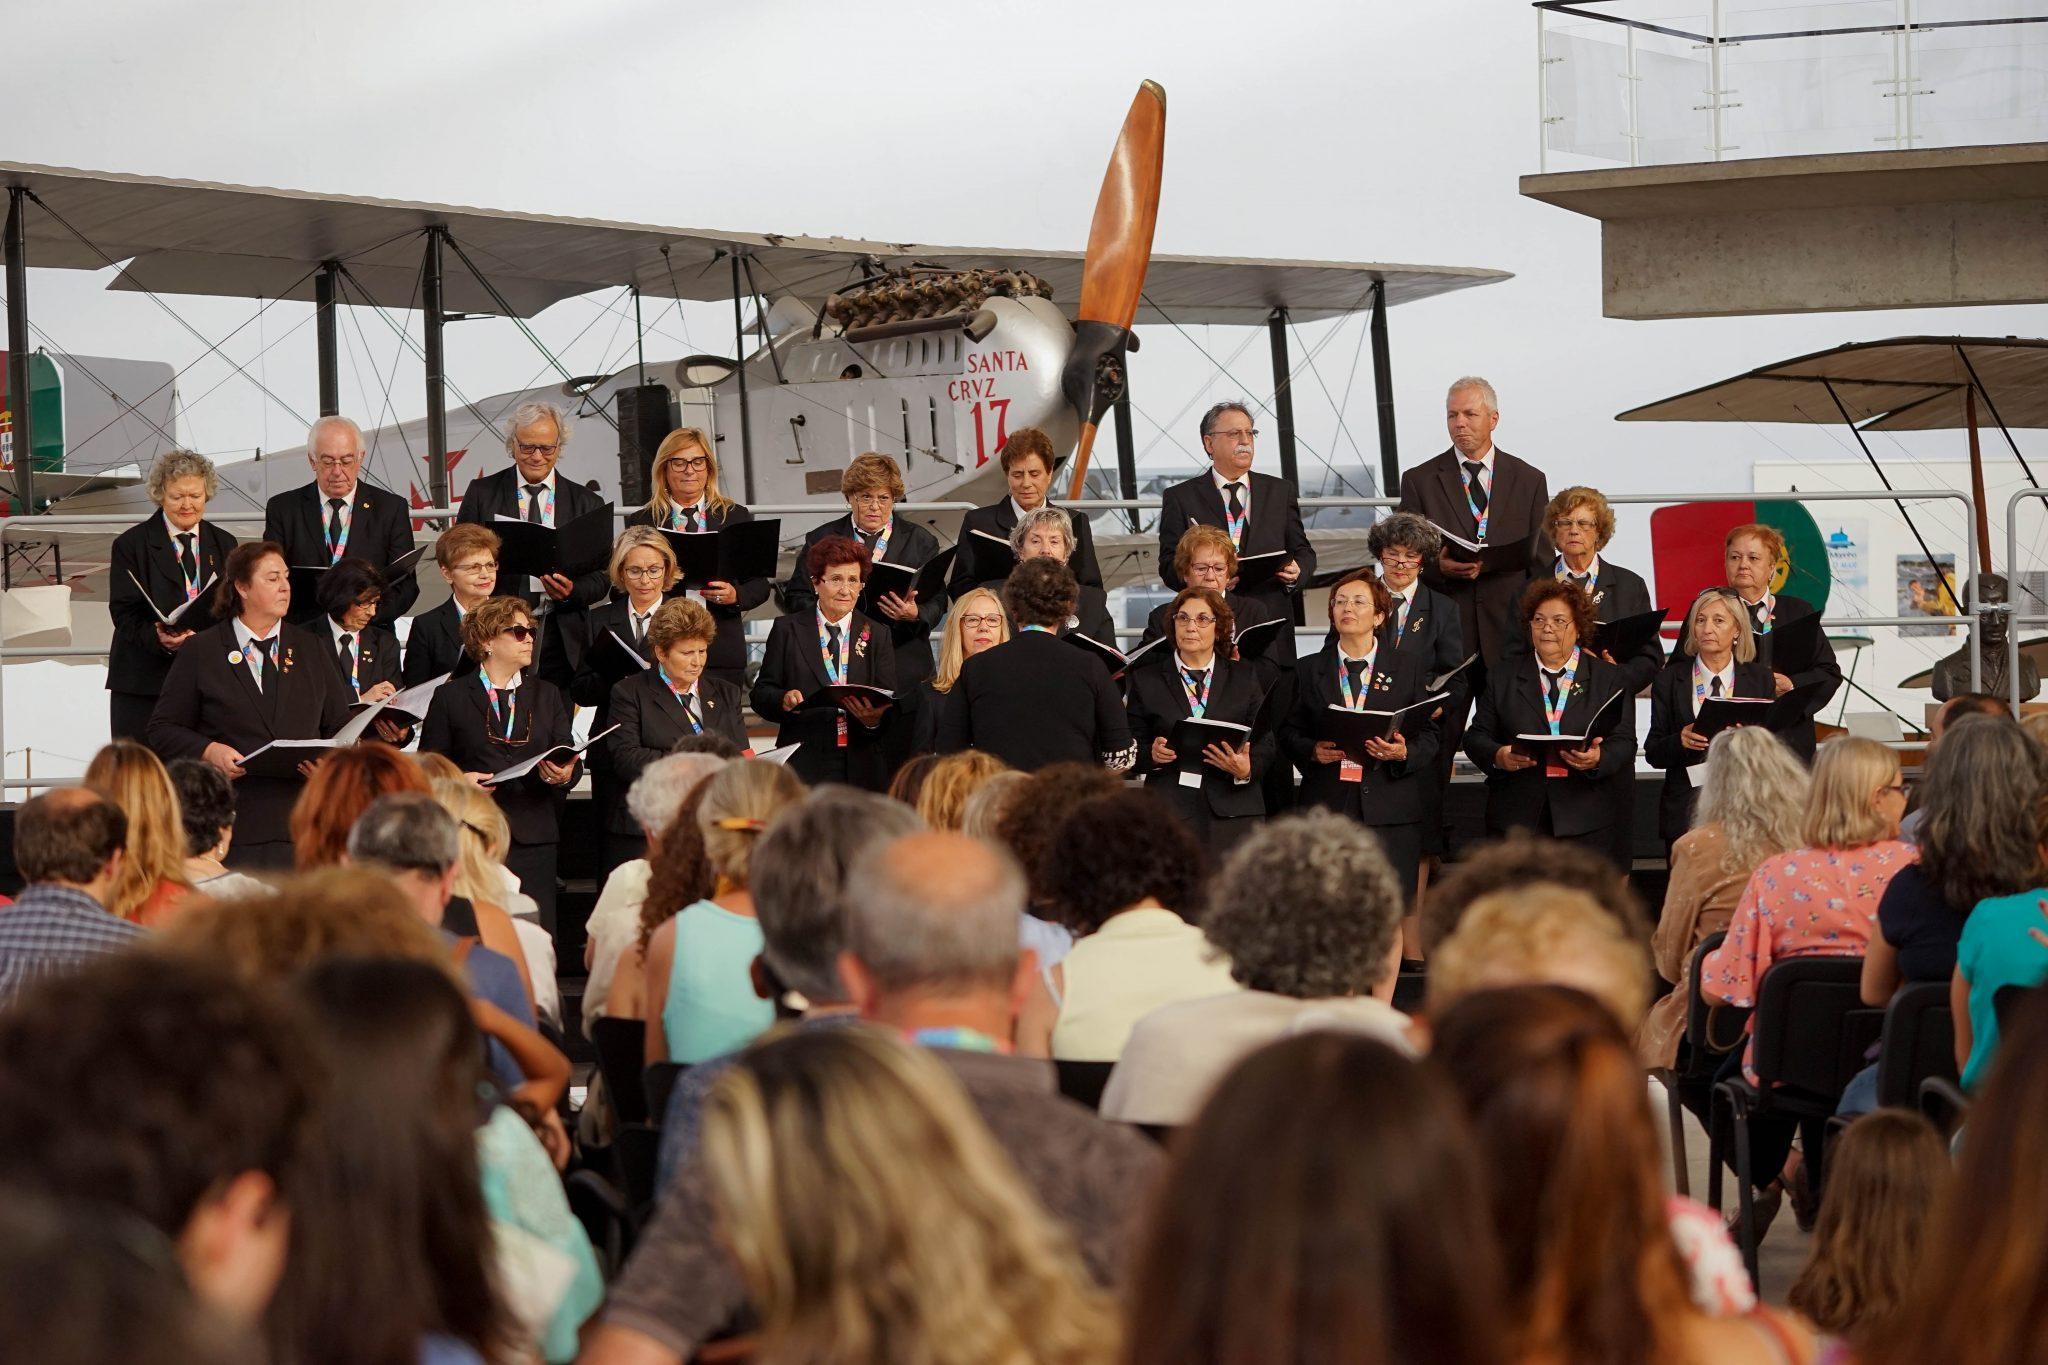 Grupo coral composto por homens e mulheres, vestidos de preto, atua numa sala branca. Atrás, um modelo antigo de avião